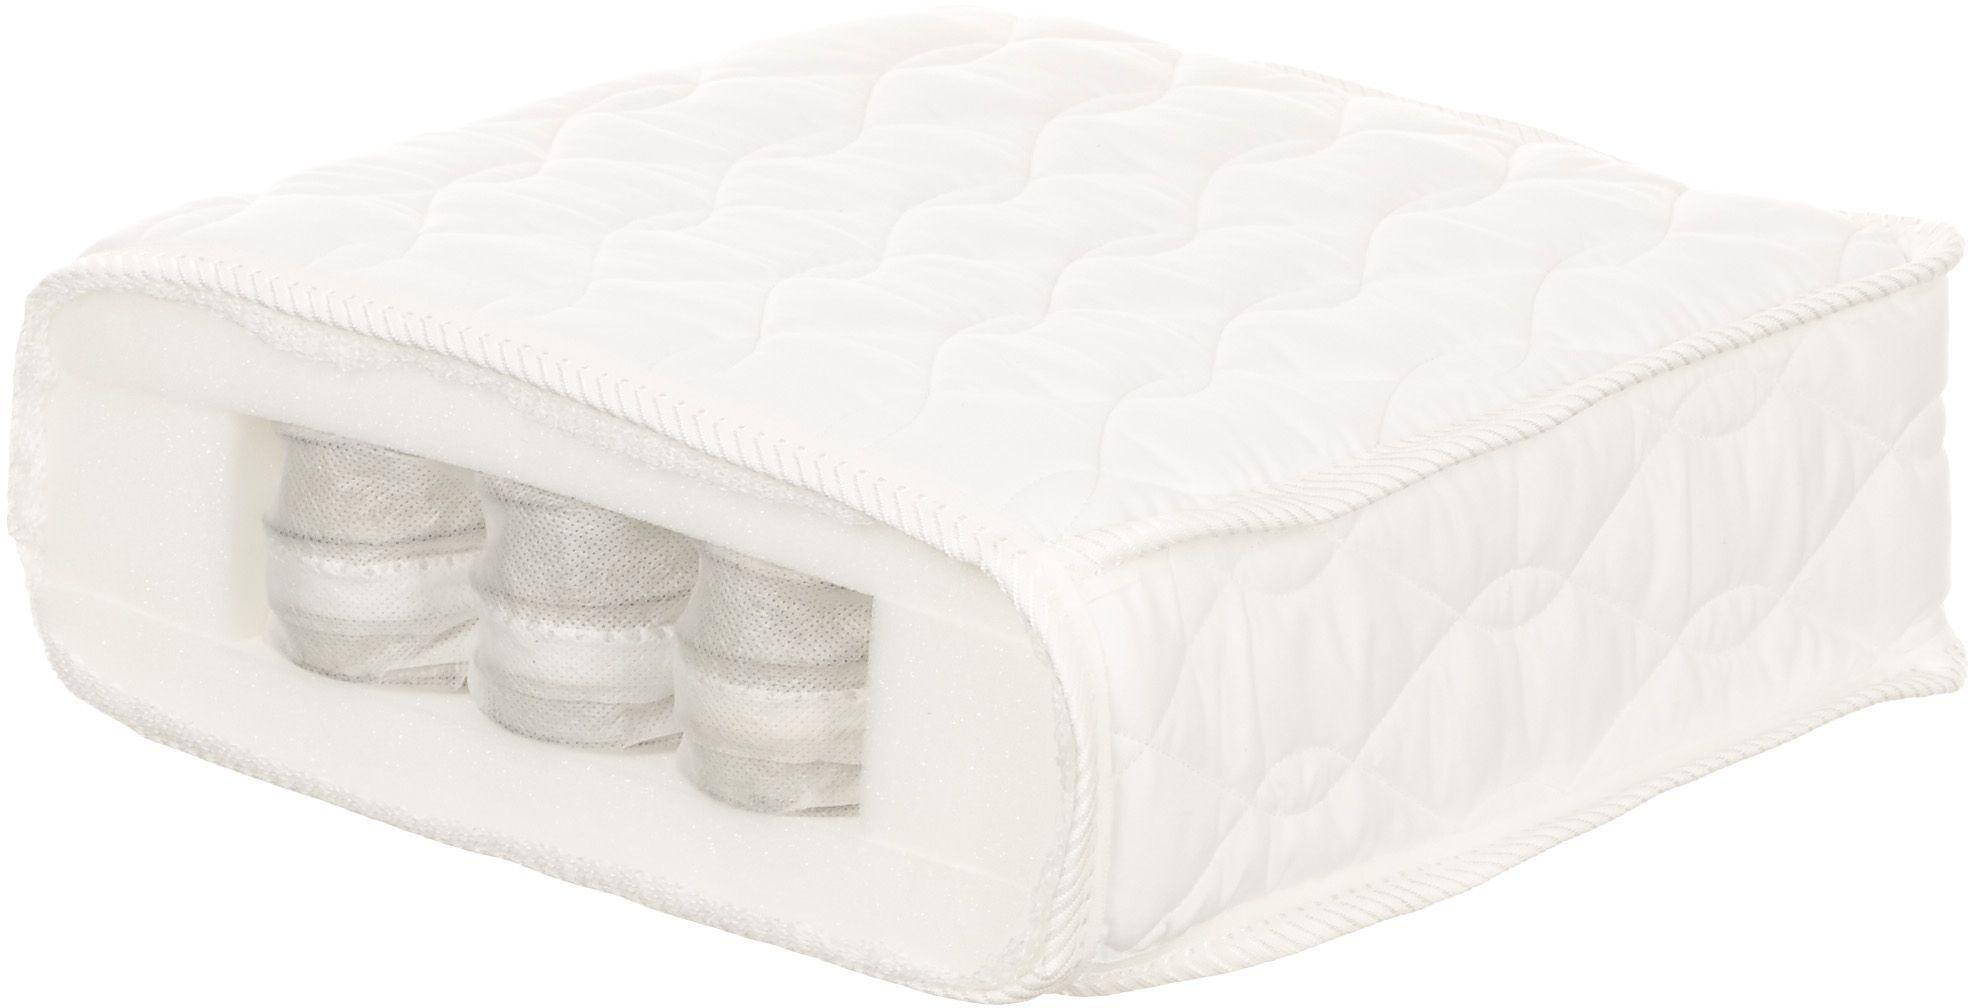 Obaby 140 x 70cm Pocket Sprung Cot Bed Mattress.